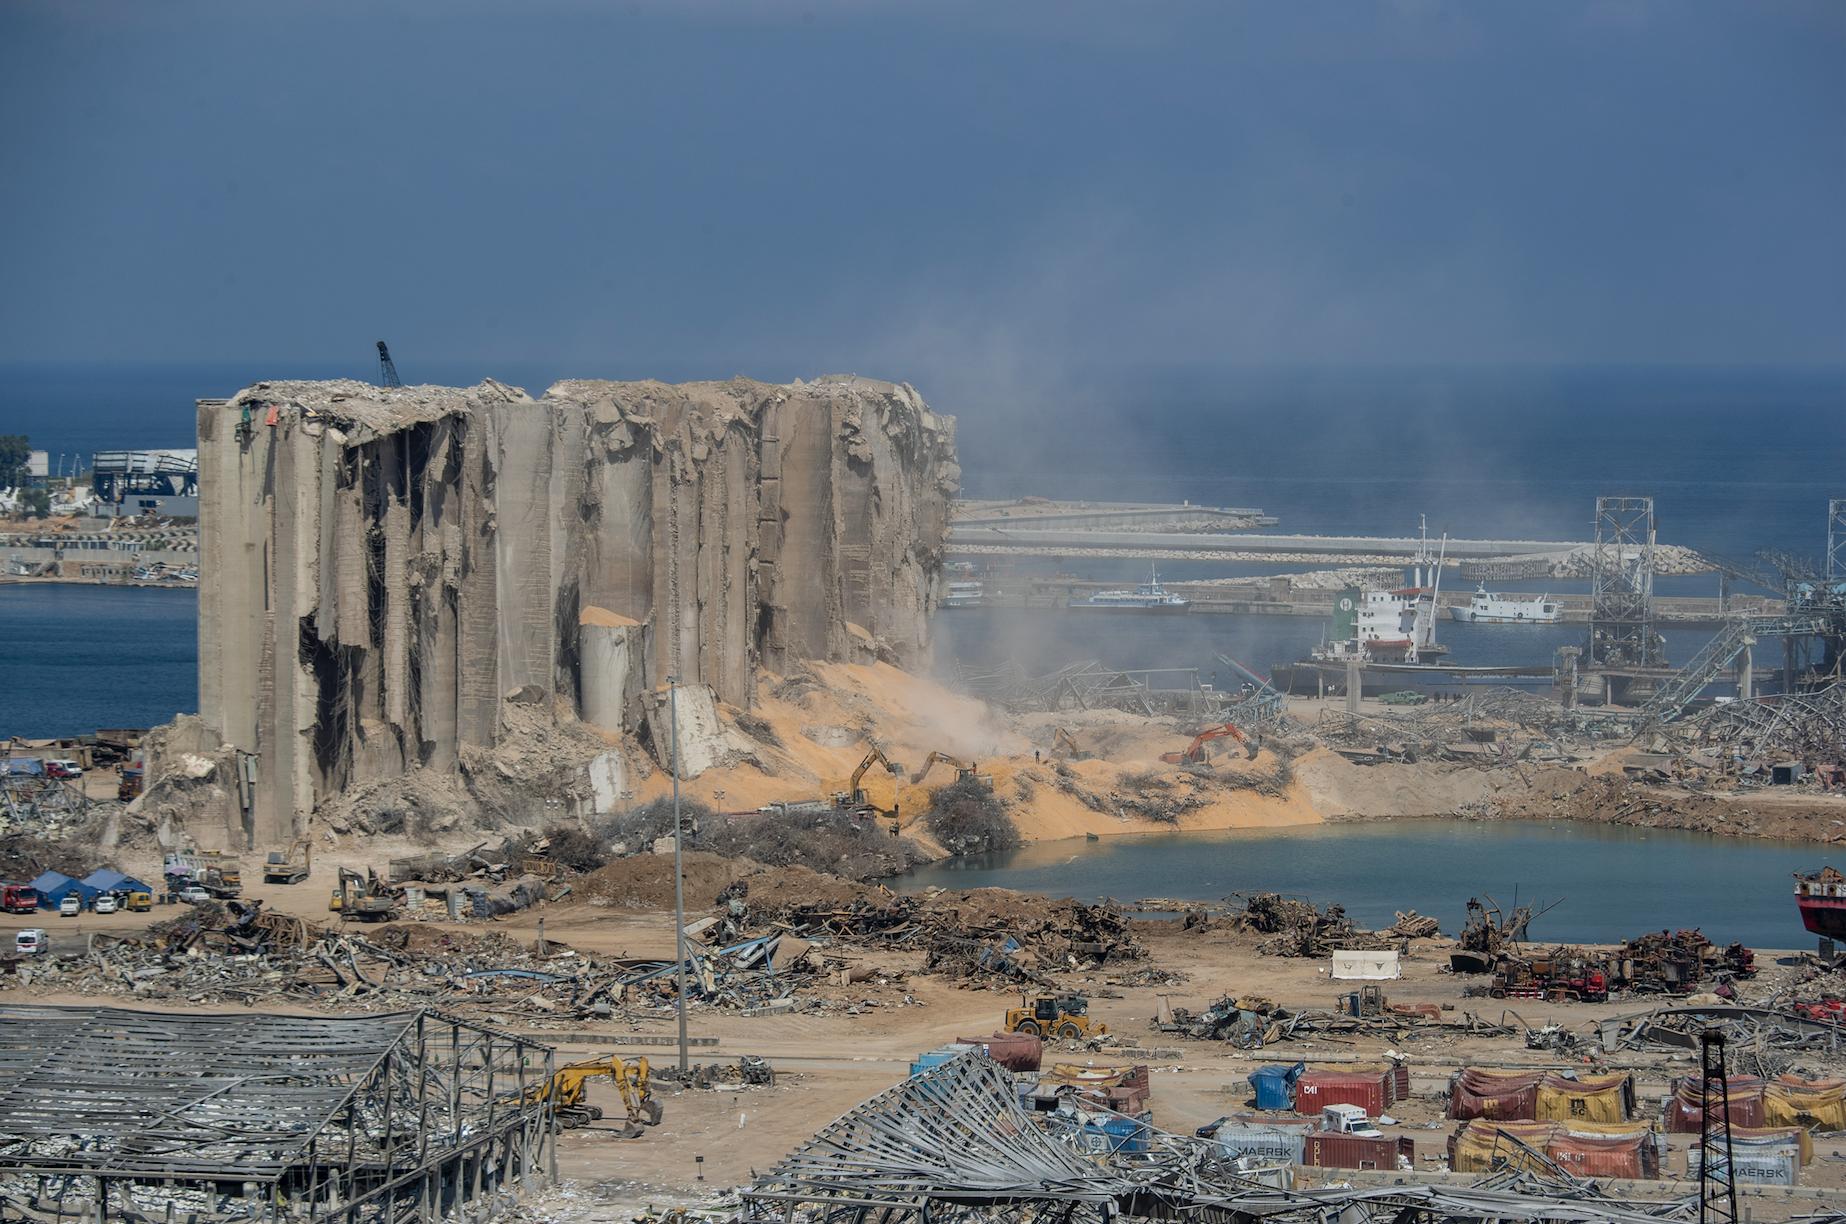 РФ отказалась выдать Ливану двух россиян по делу о взрыве в порту Бейрута